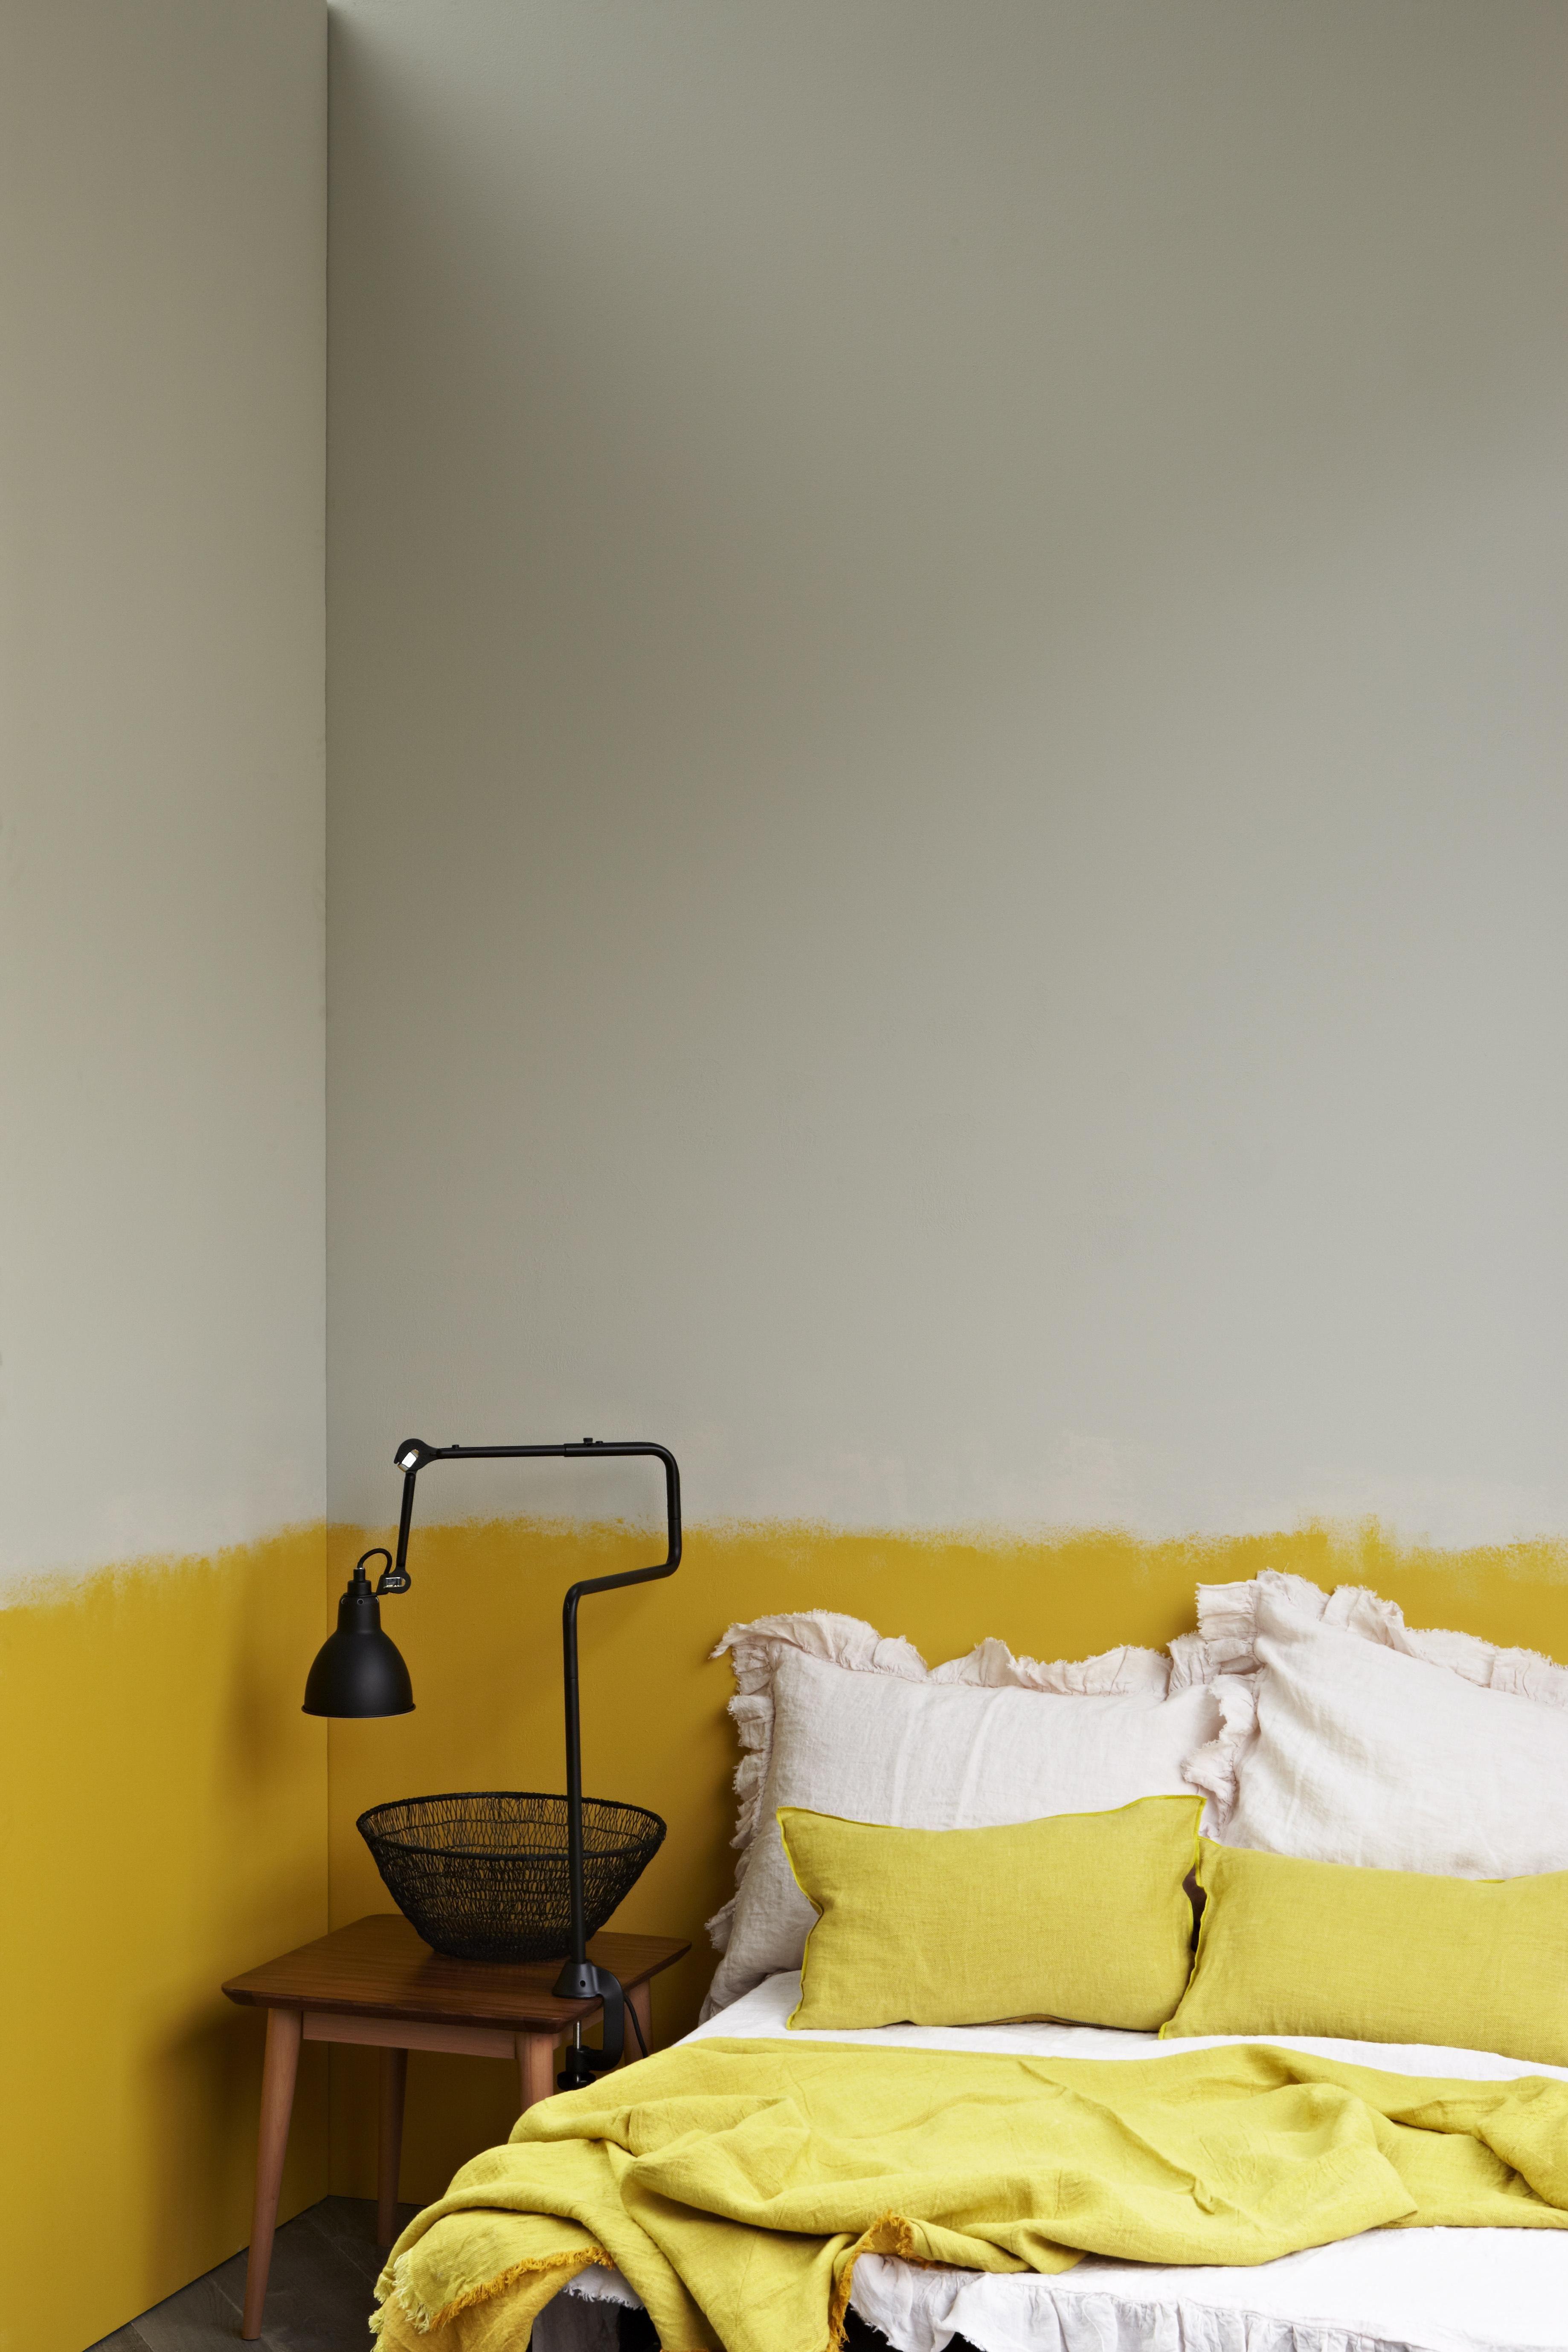 Deco Chambre Jaune Et Gris pinjuan amaya on bedroom | half painted walls, interior